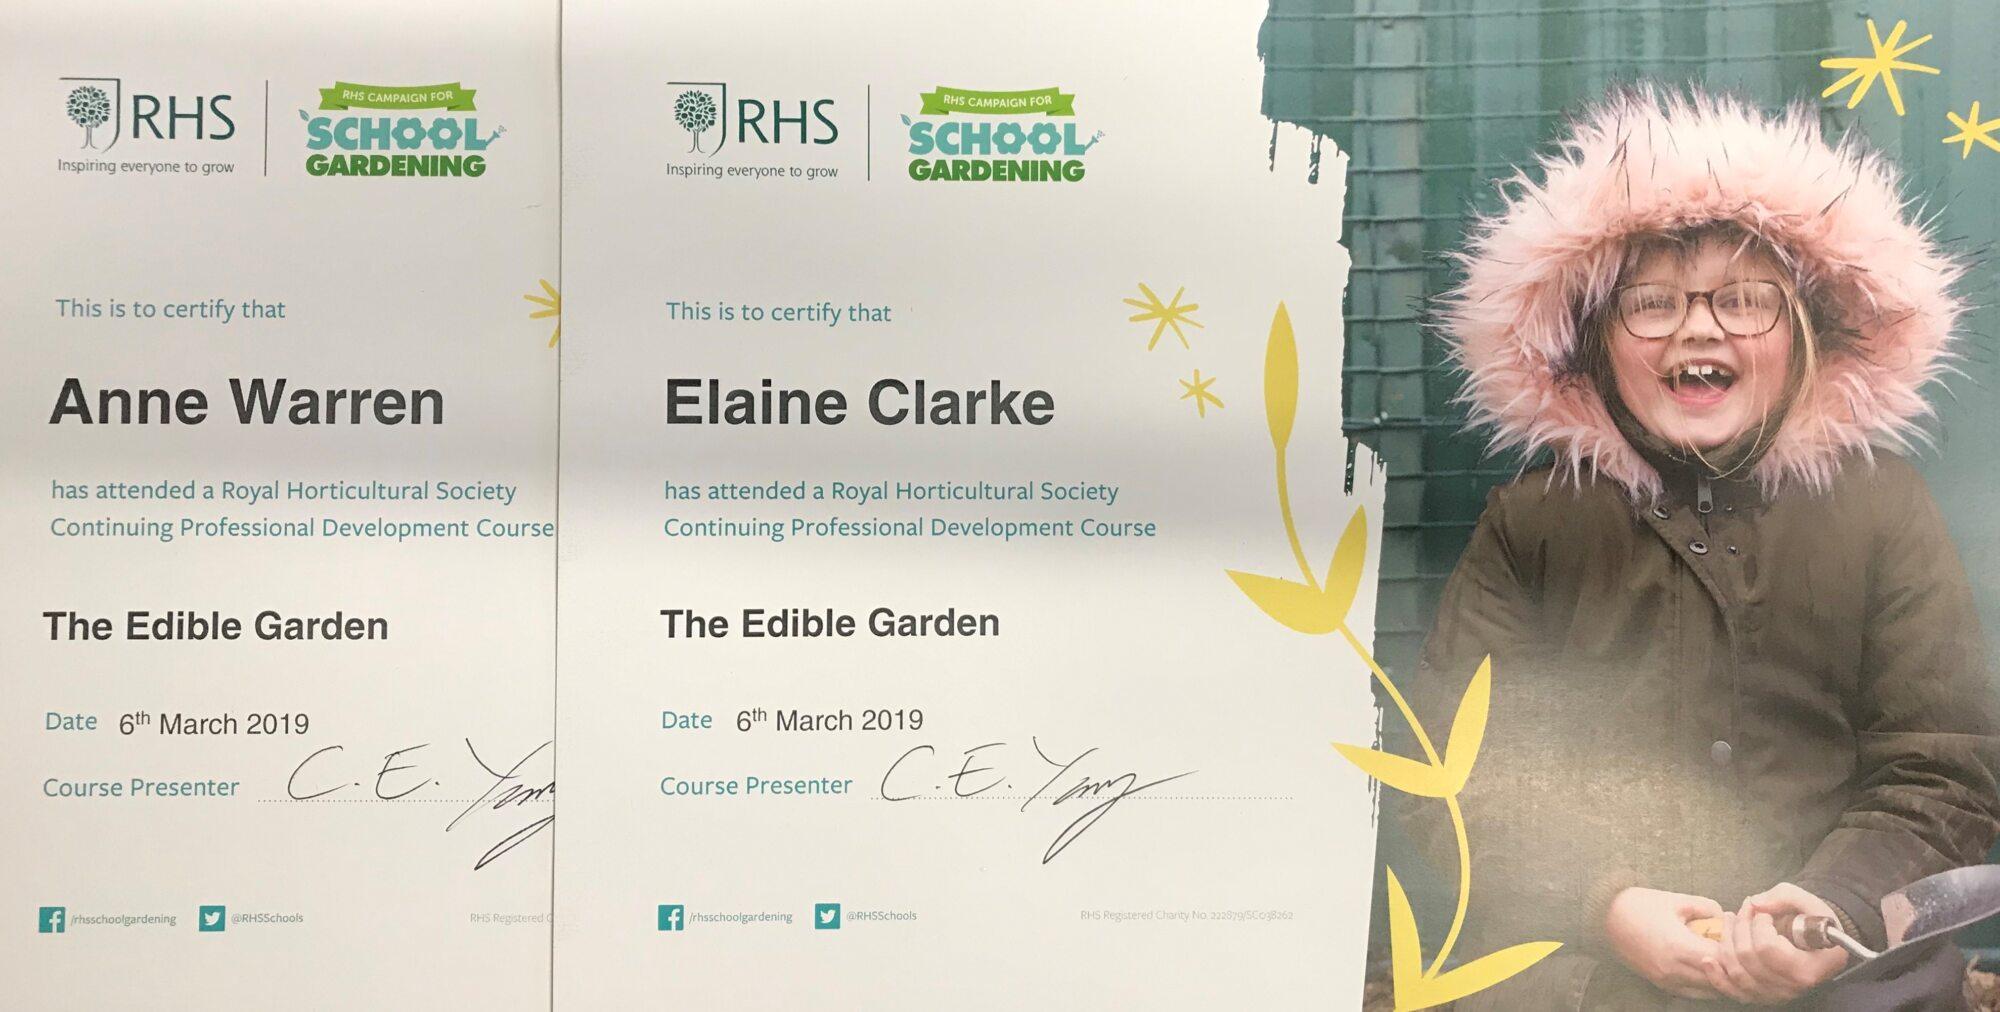 Certificates for the Edible Garden